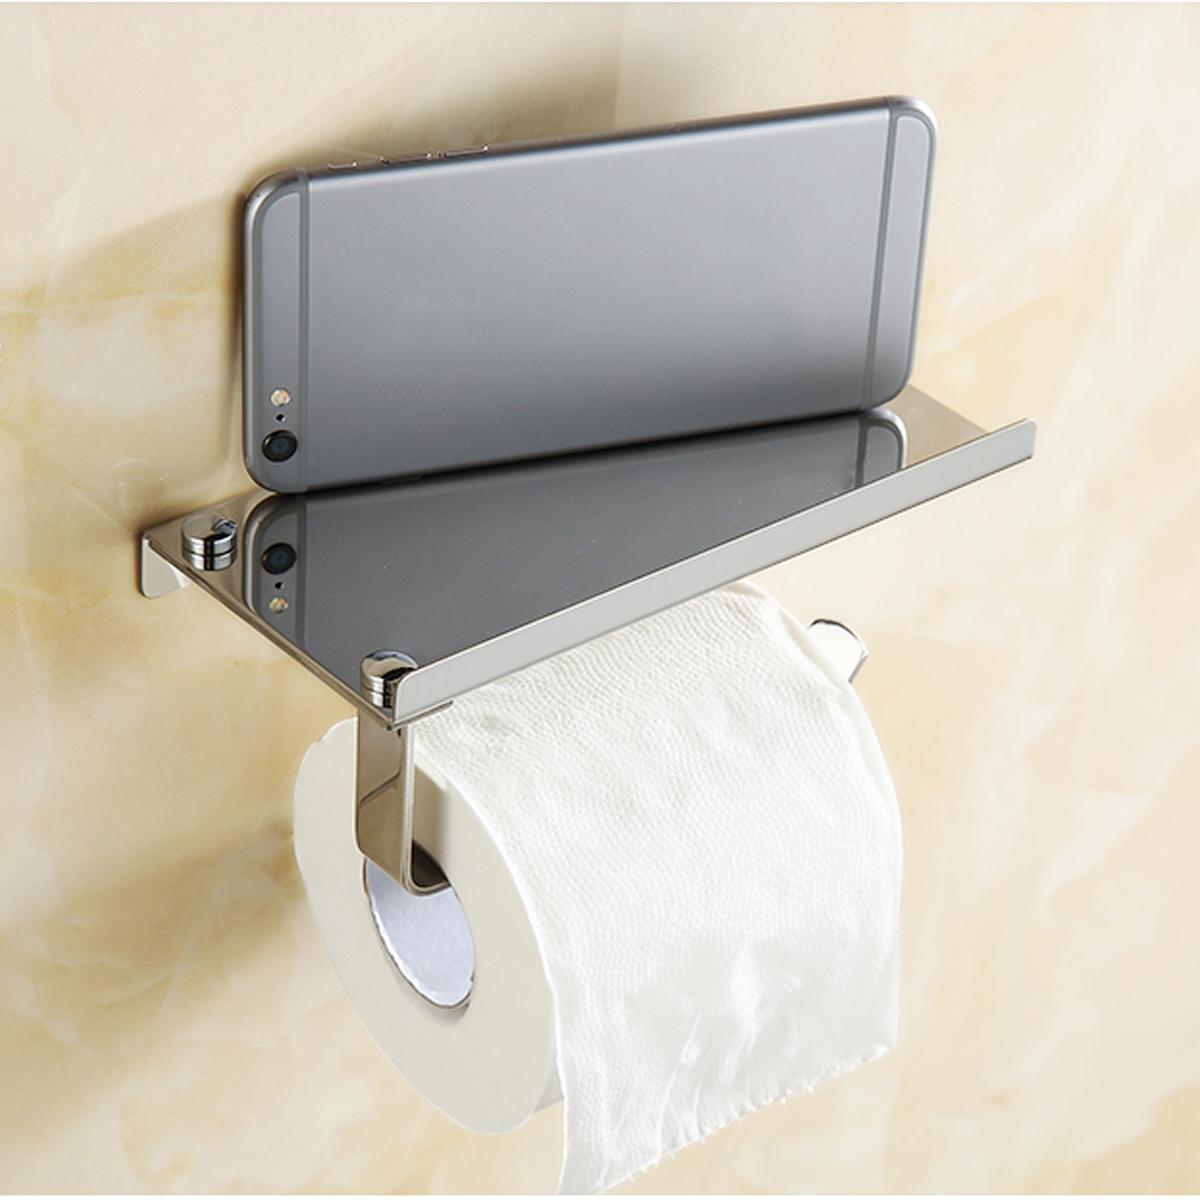 Salle De Bains Toilettes Difference ~ tempsa toilette porte papier hygi nique support de t l phone de